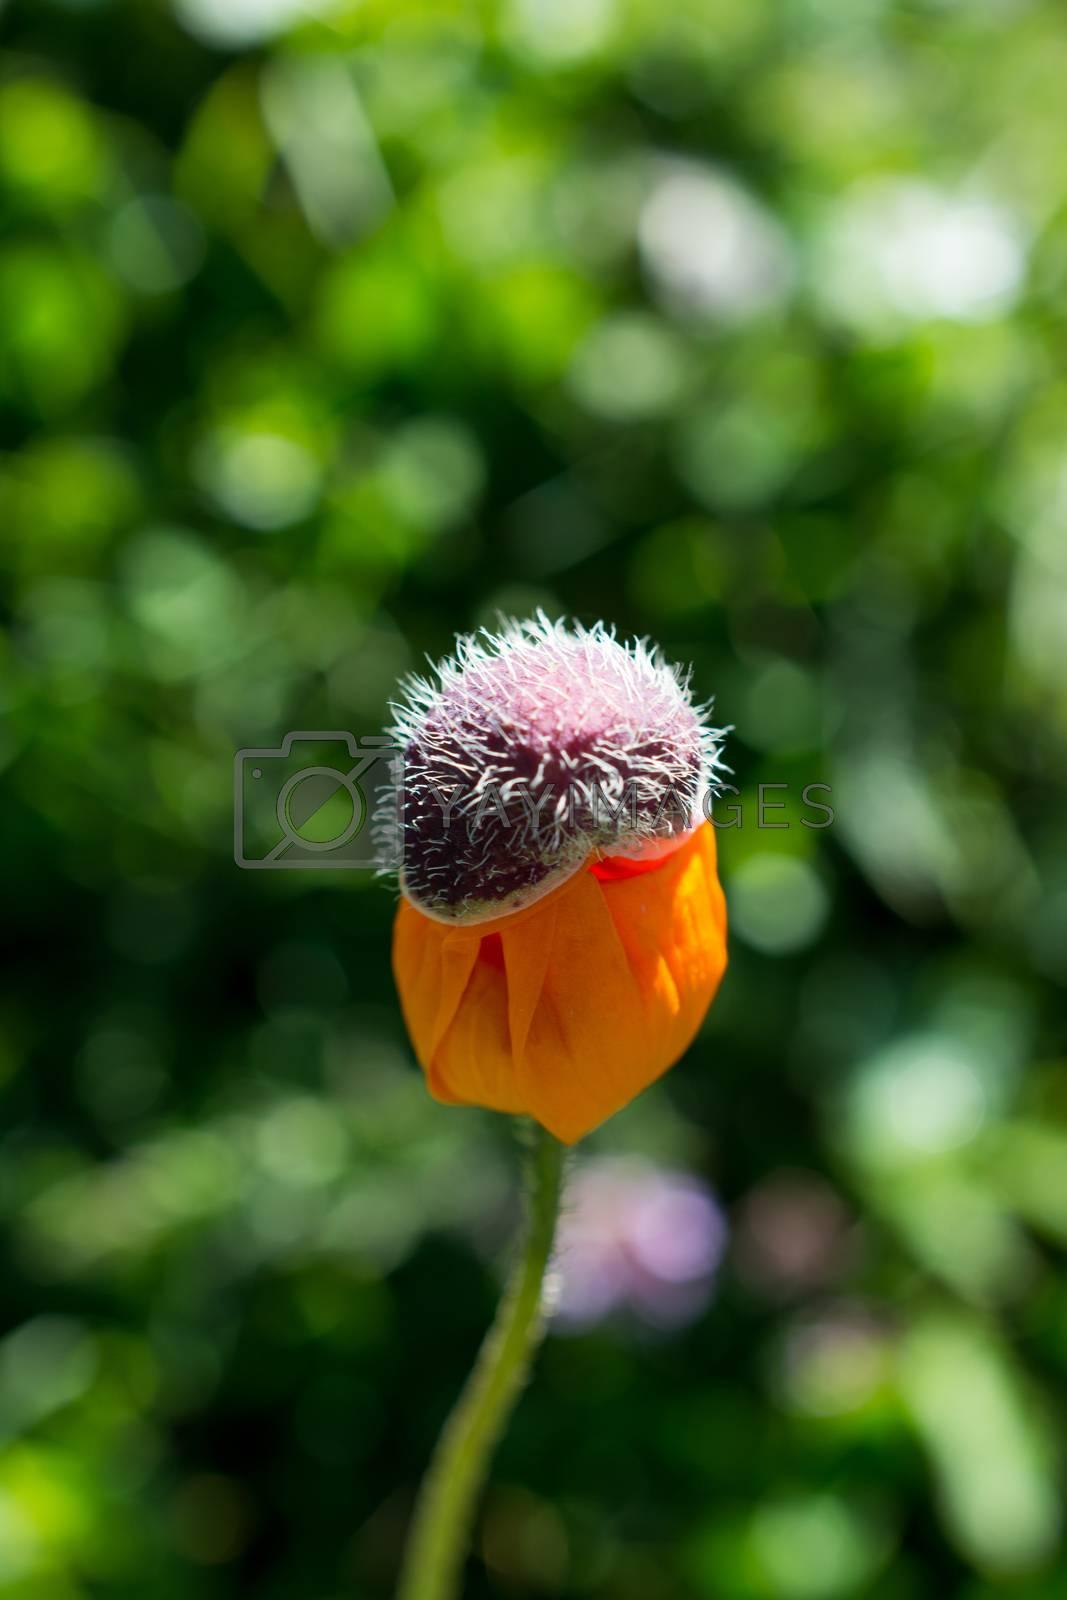 Beautiful Oriental poppy flowers in nature by berkay